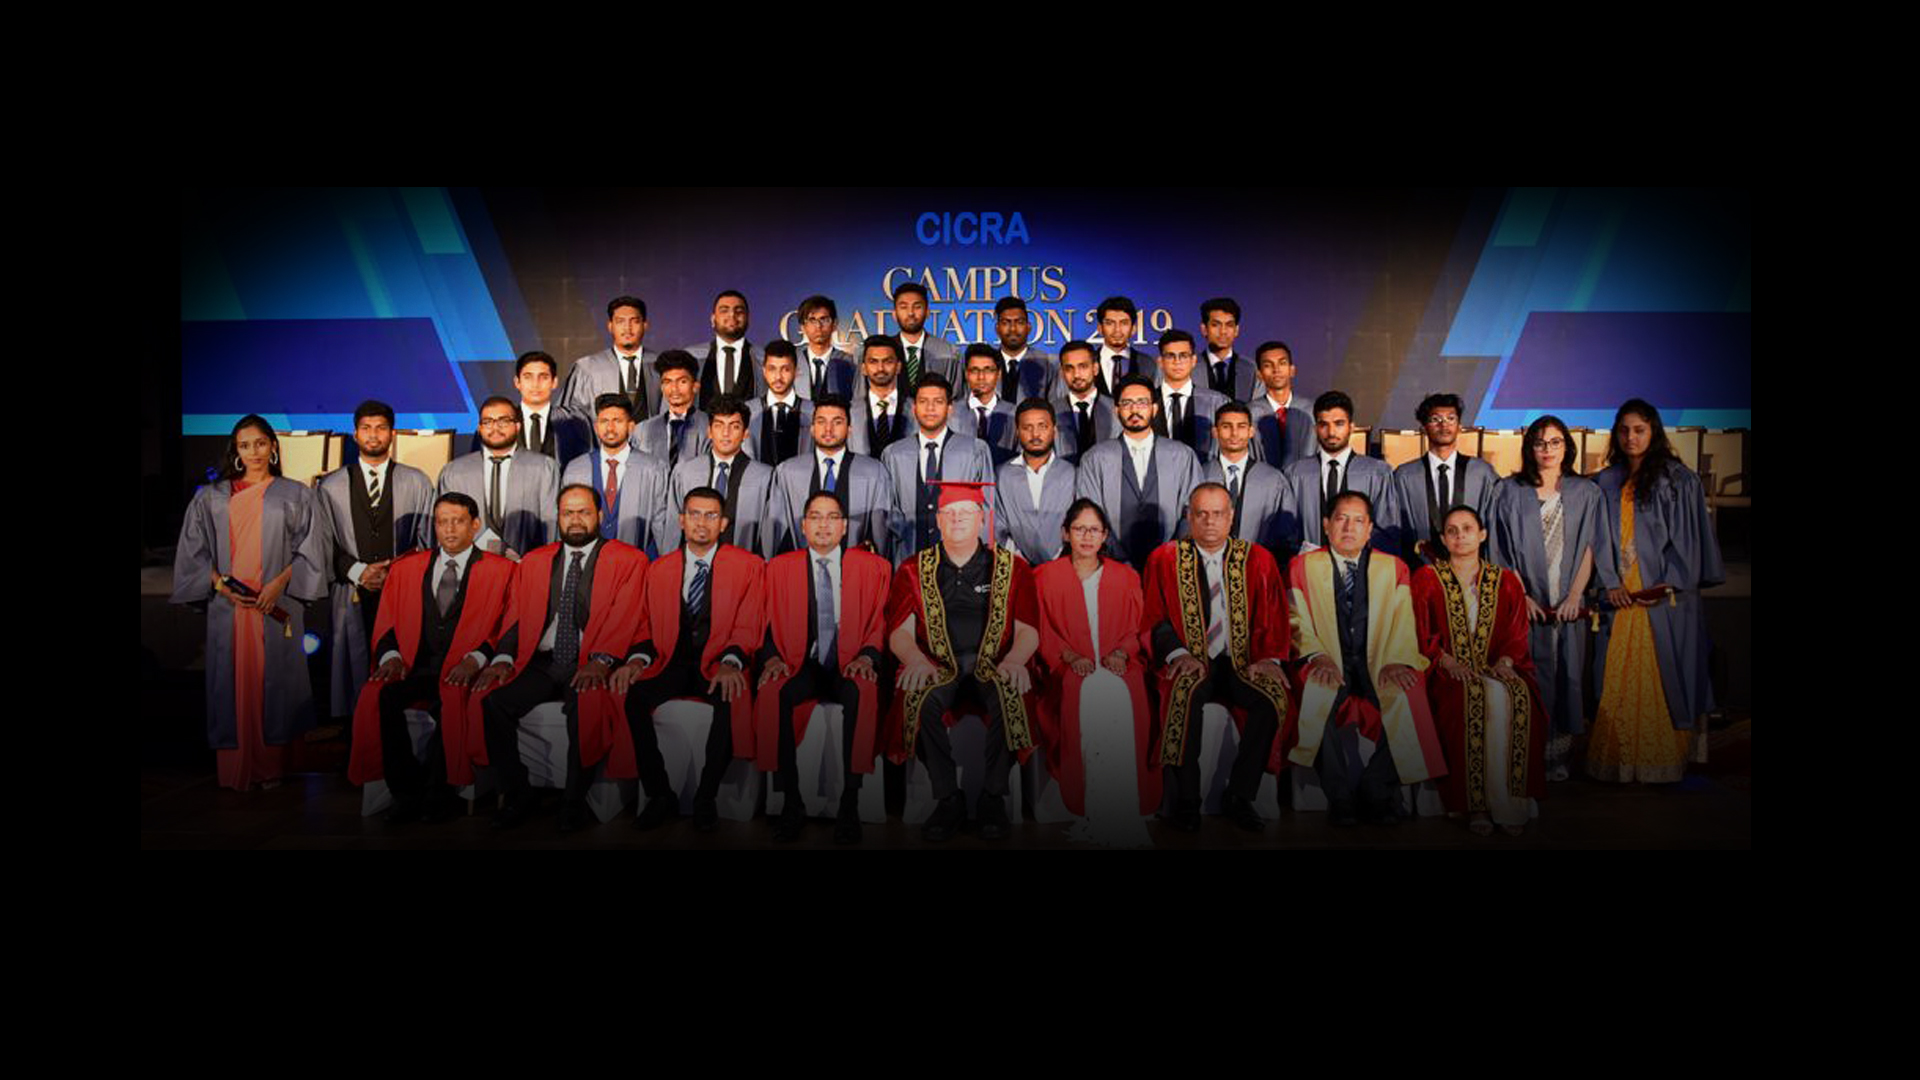 CICRA Campus Graduation 2019